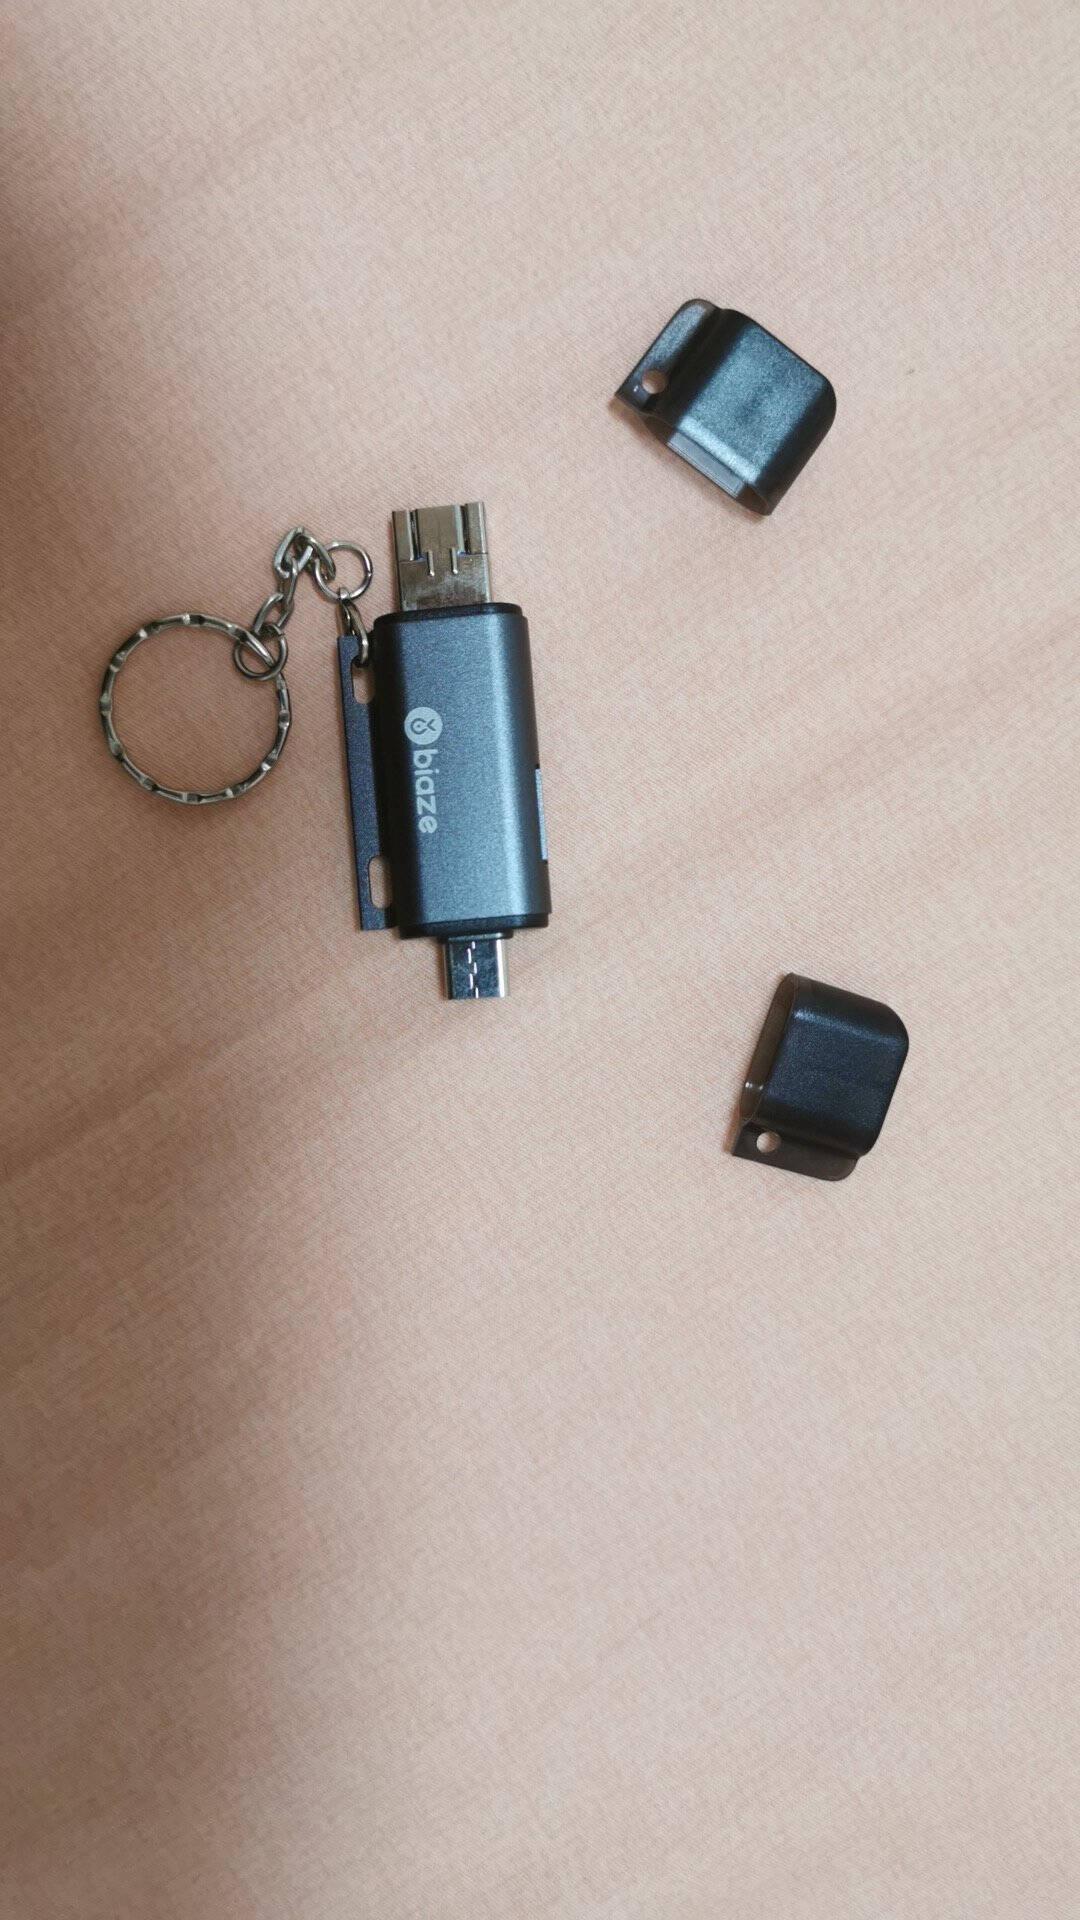 毕亚兹USB-C3.0高速多功能合一手机读卡器Type-c接口安卓OTG支持SD单反相机TF行车记录仪手机存储卡A19-灰